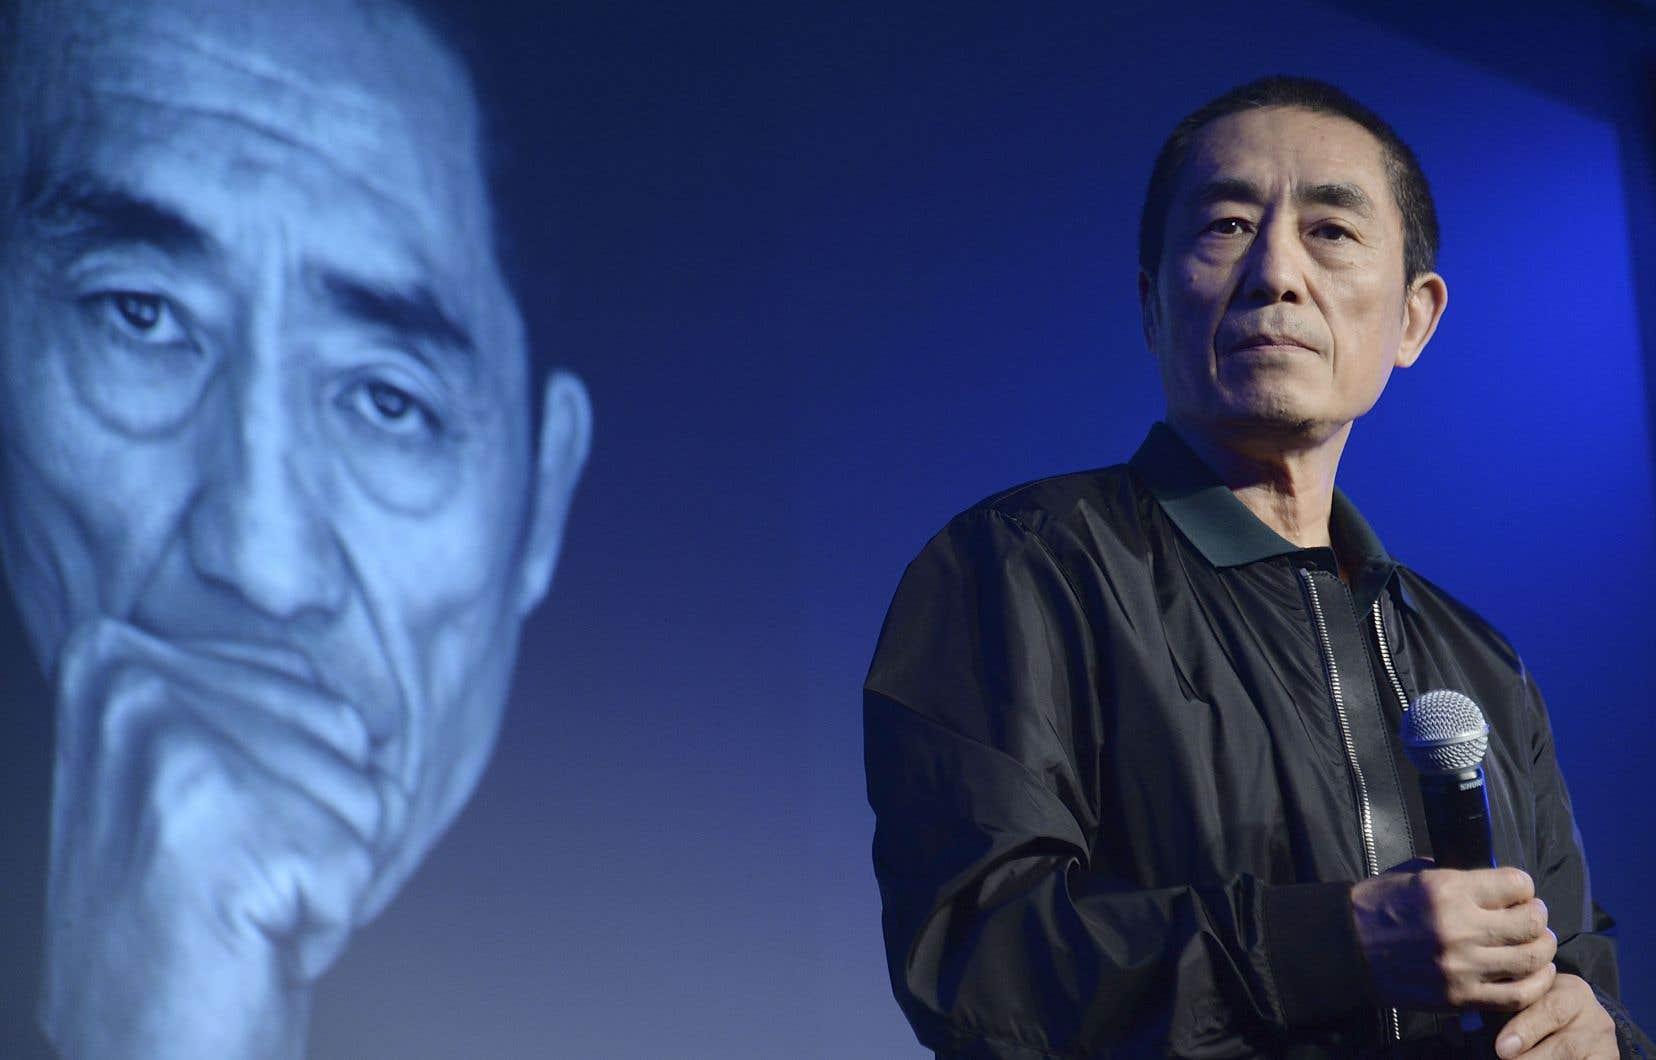 Le réalisateur chinois Zhang Yimou, de passage à Los Angeles en 2015